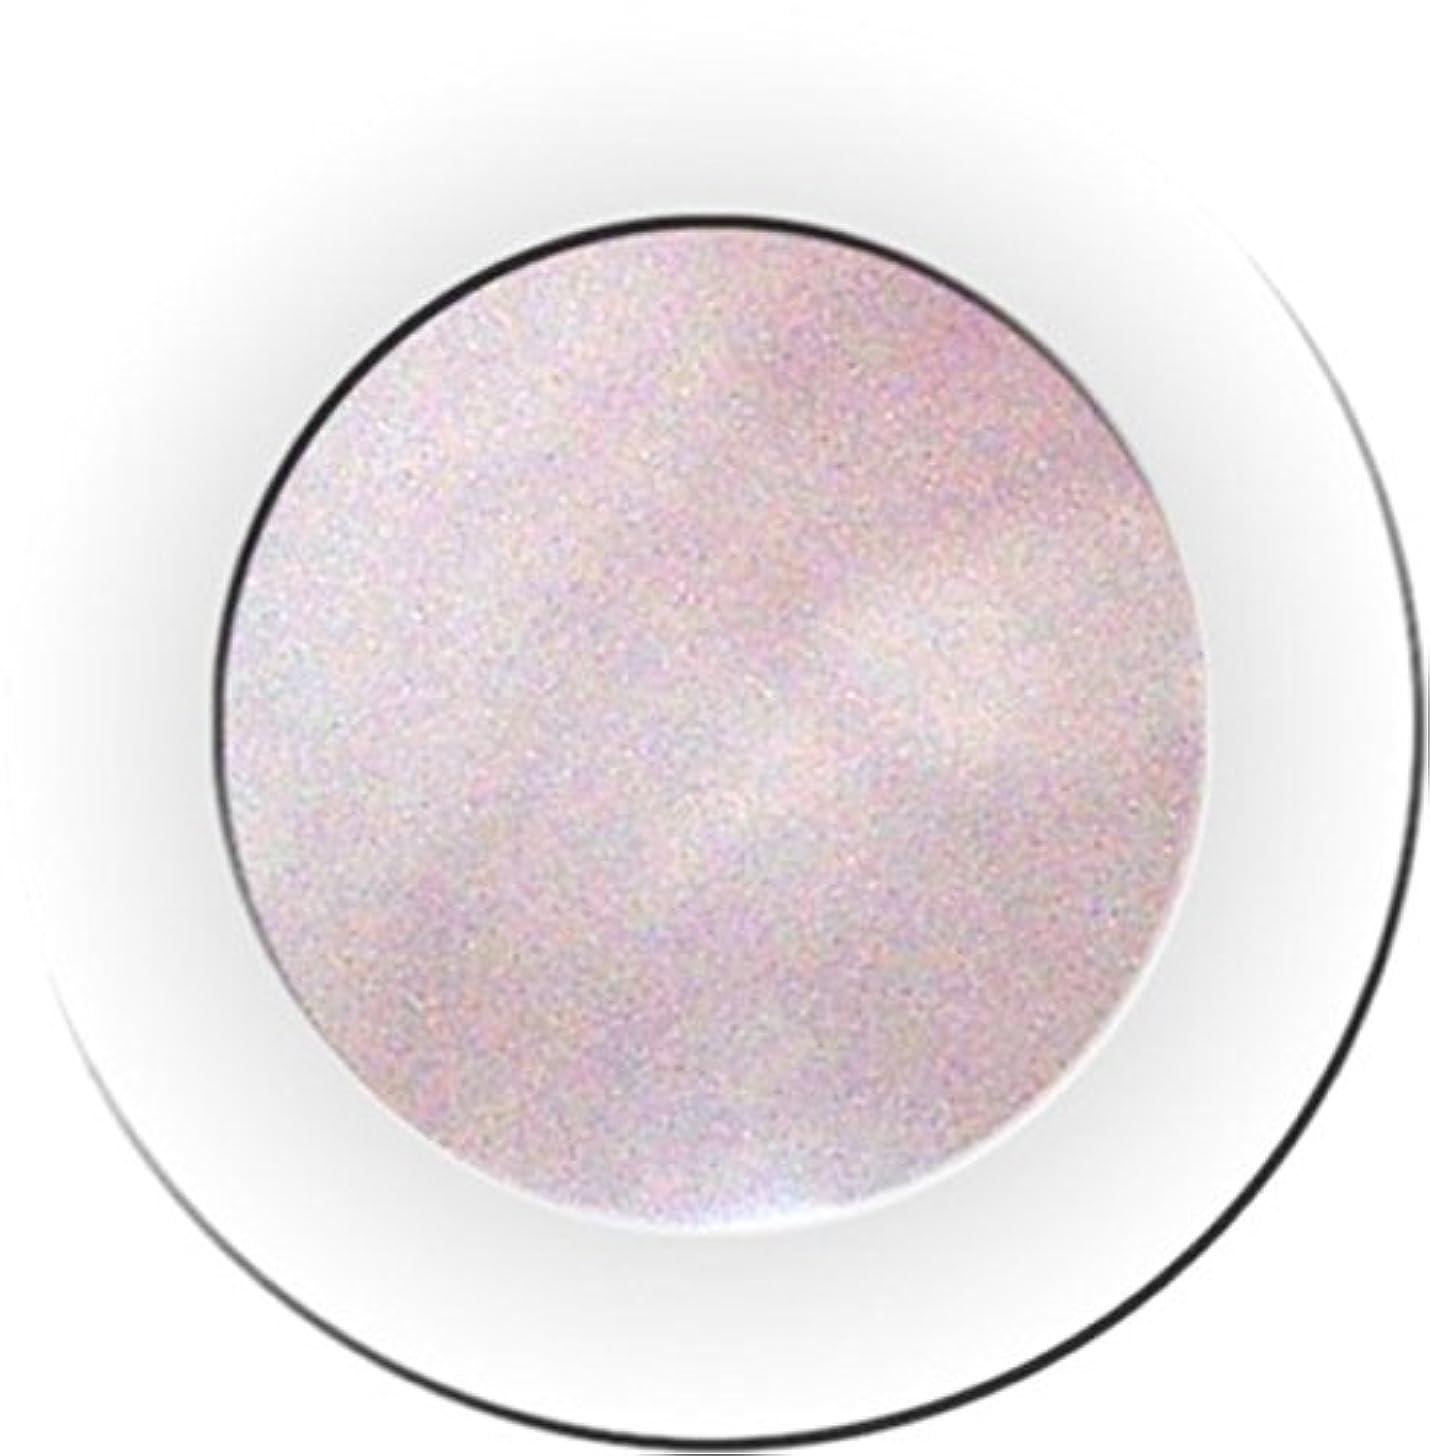 マザーランド襟窒息させるカラーパウダー 7g マーキュリー